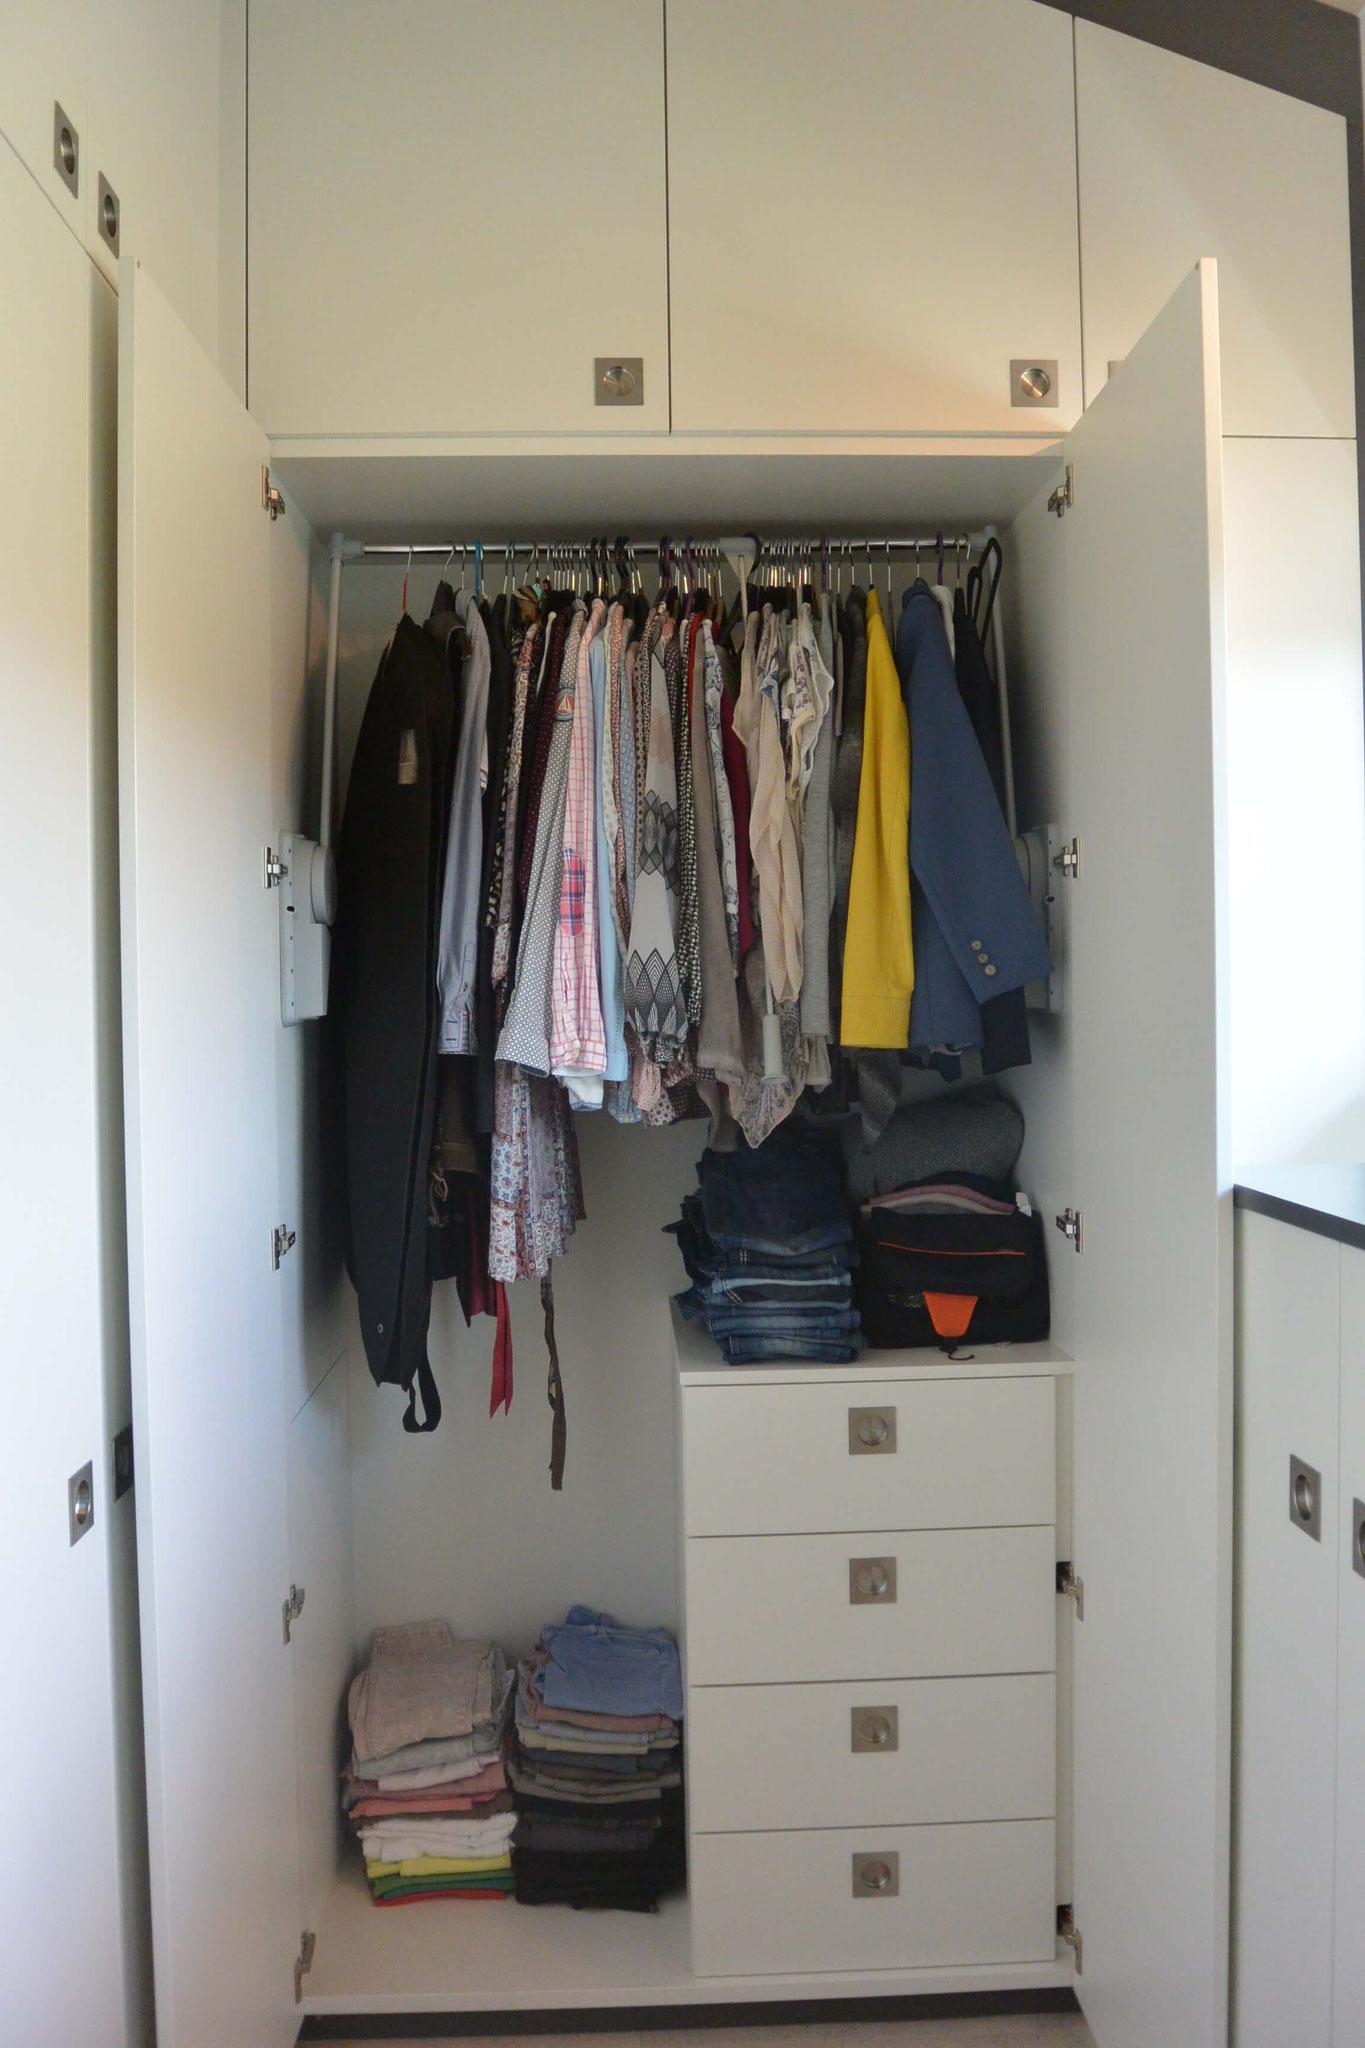 Kleiderschrank mit KLeiderlift für lange Kleider u. Blusen mit innenliegender Kommode